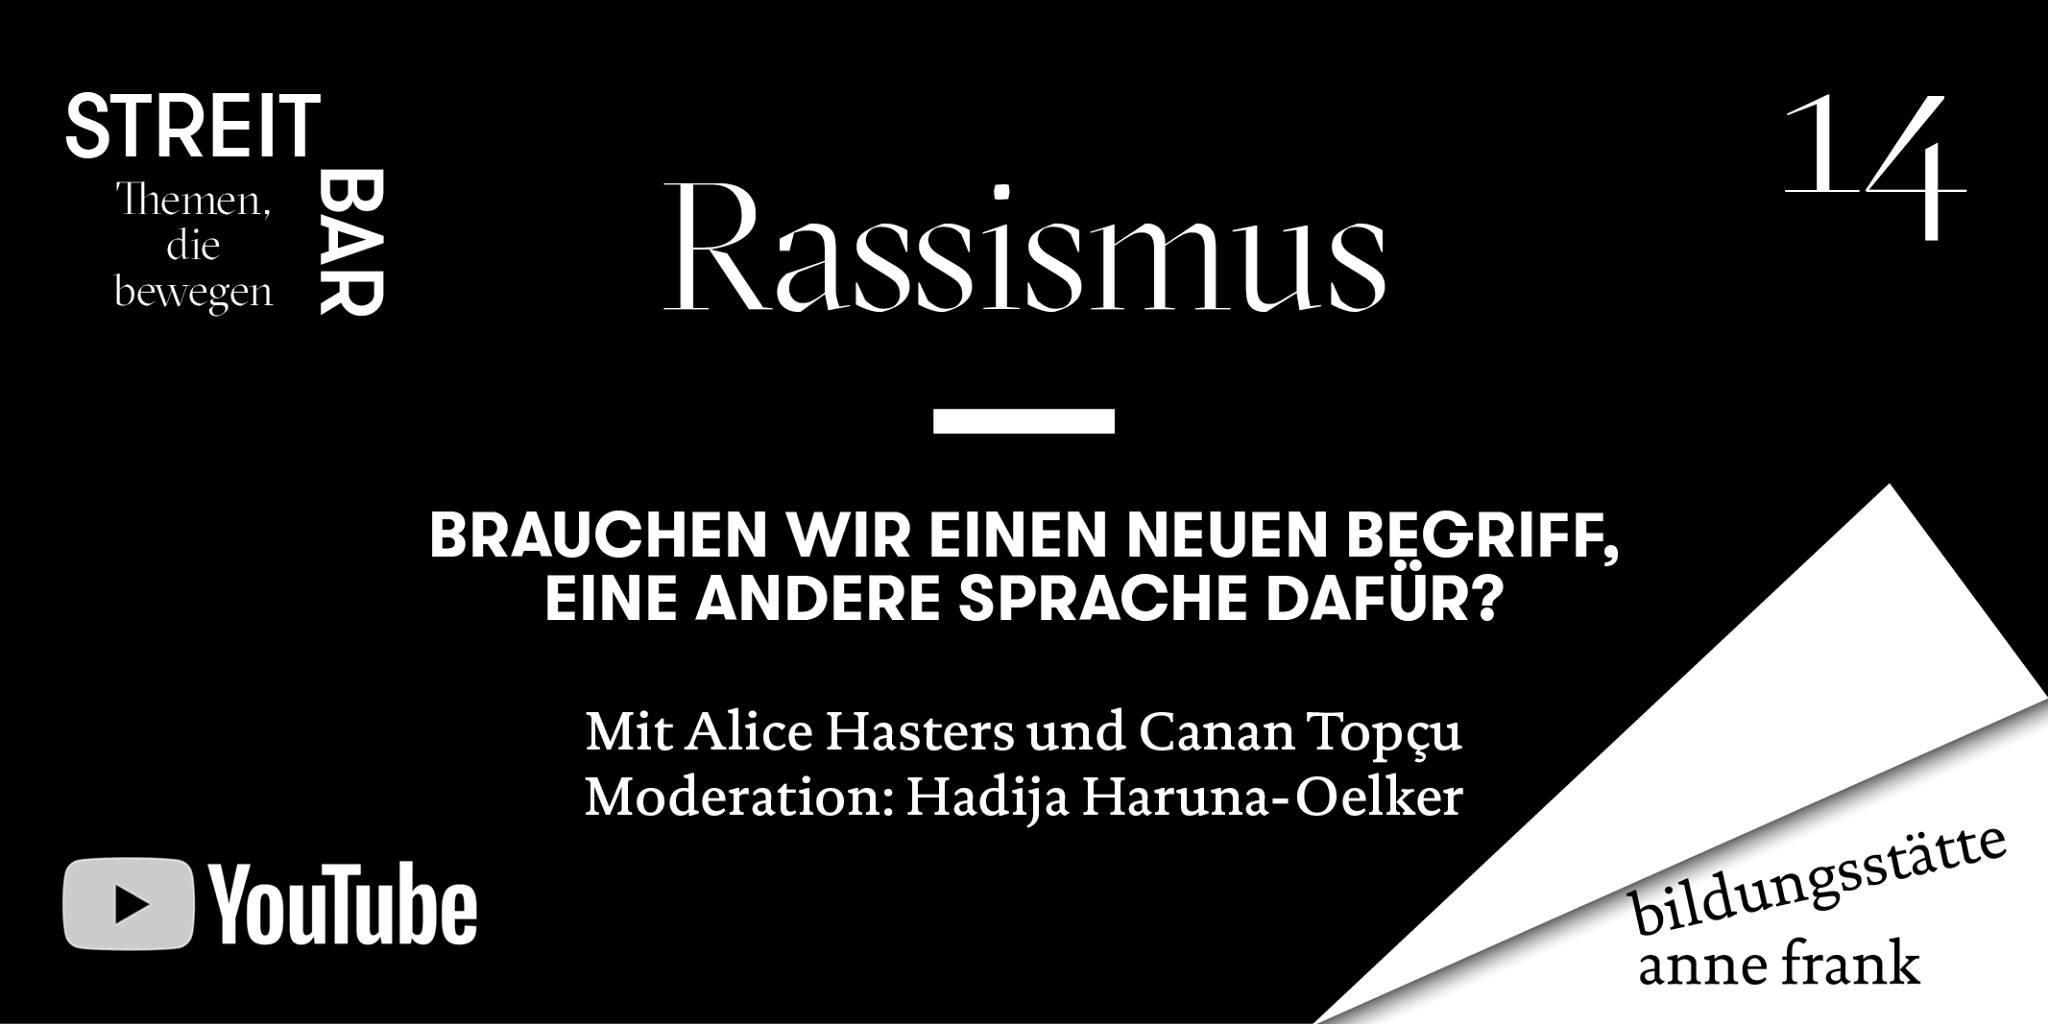 Streitbar: Rassismus – Brauchen wir einen neuen Begriff, eine andere Sprache dafür?